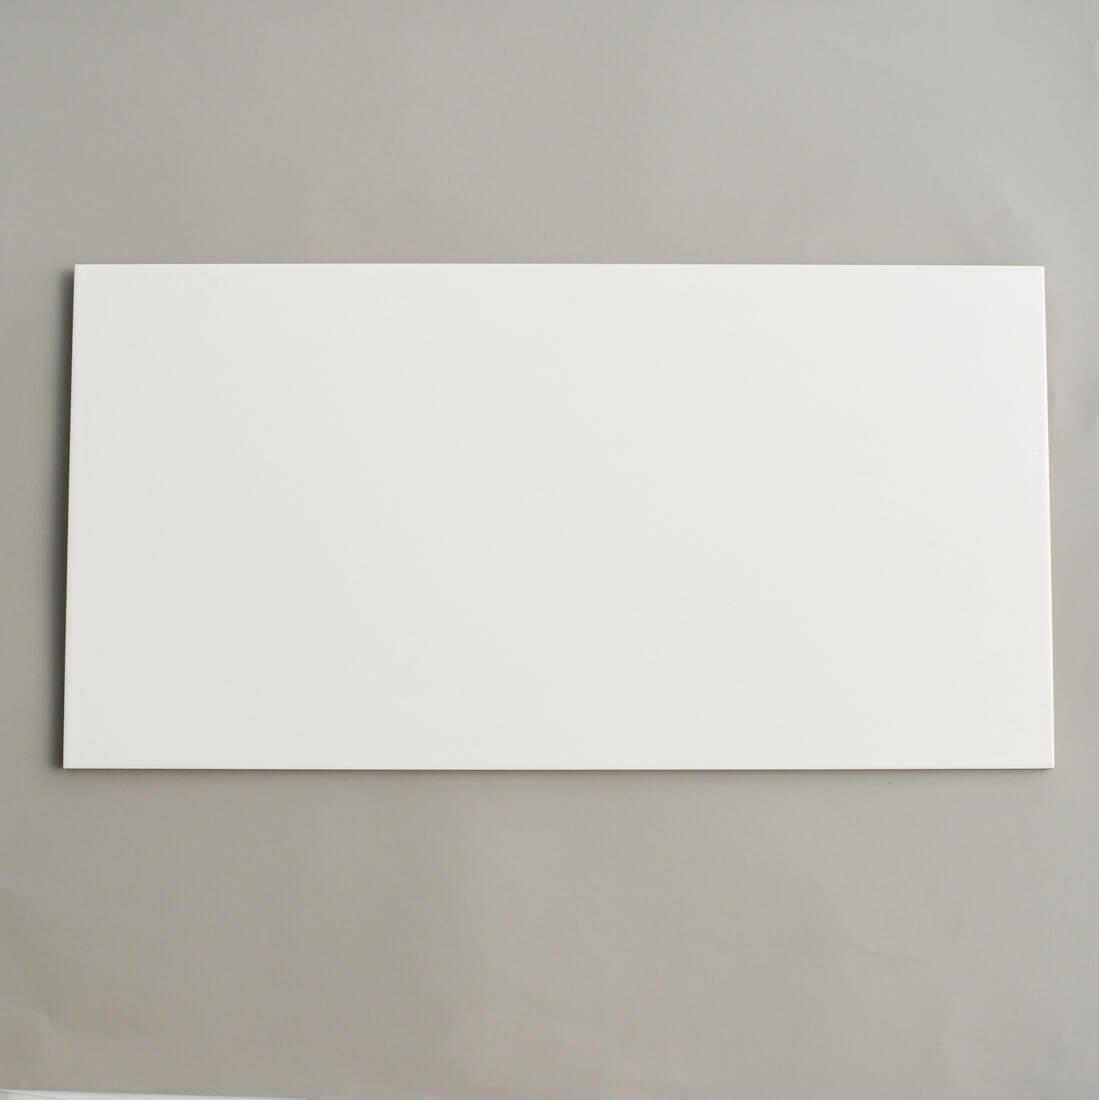 קרמיקה לאמבטיה לבנה 30/60 לחדר הרחצה